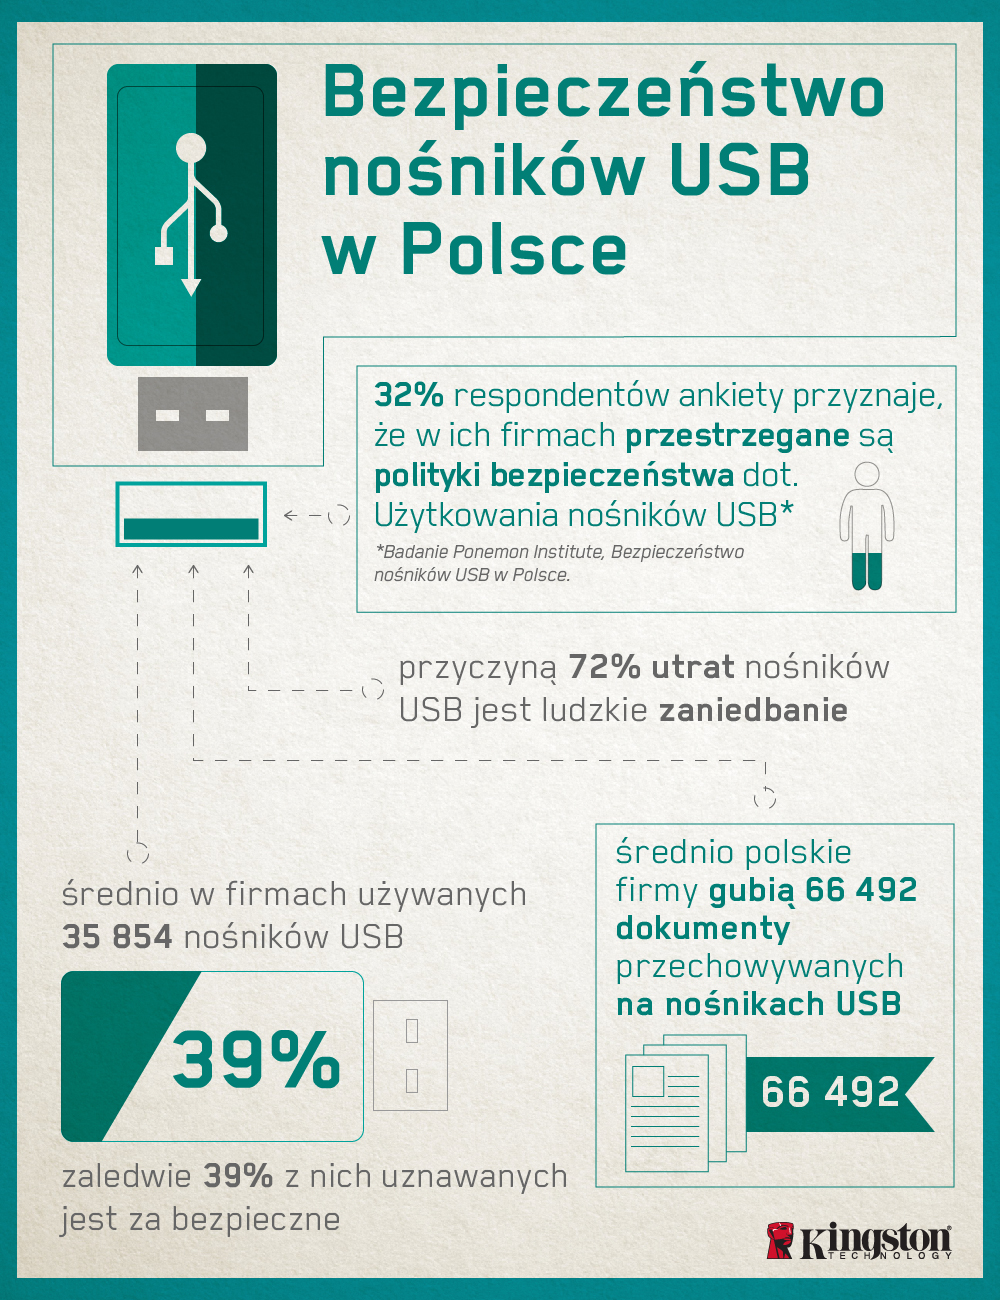 Bezpieczeństwo USB